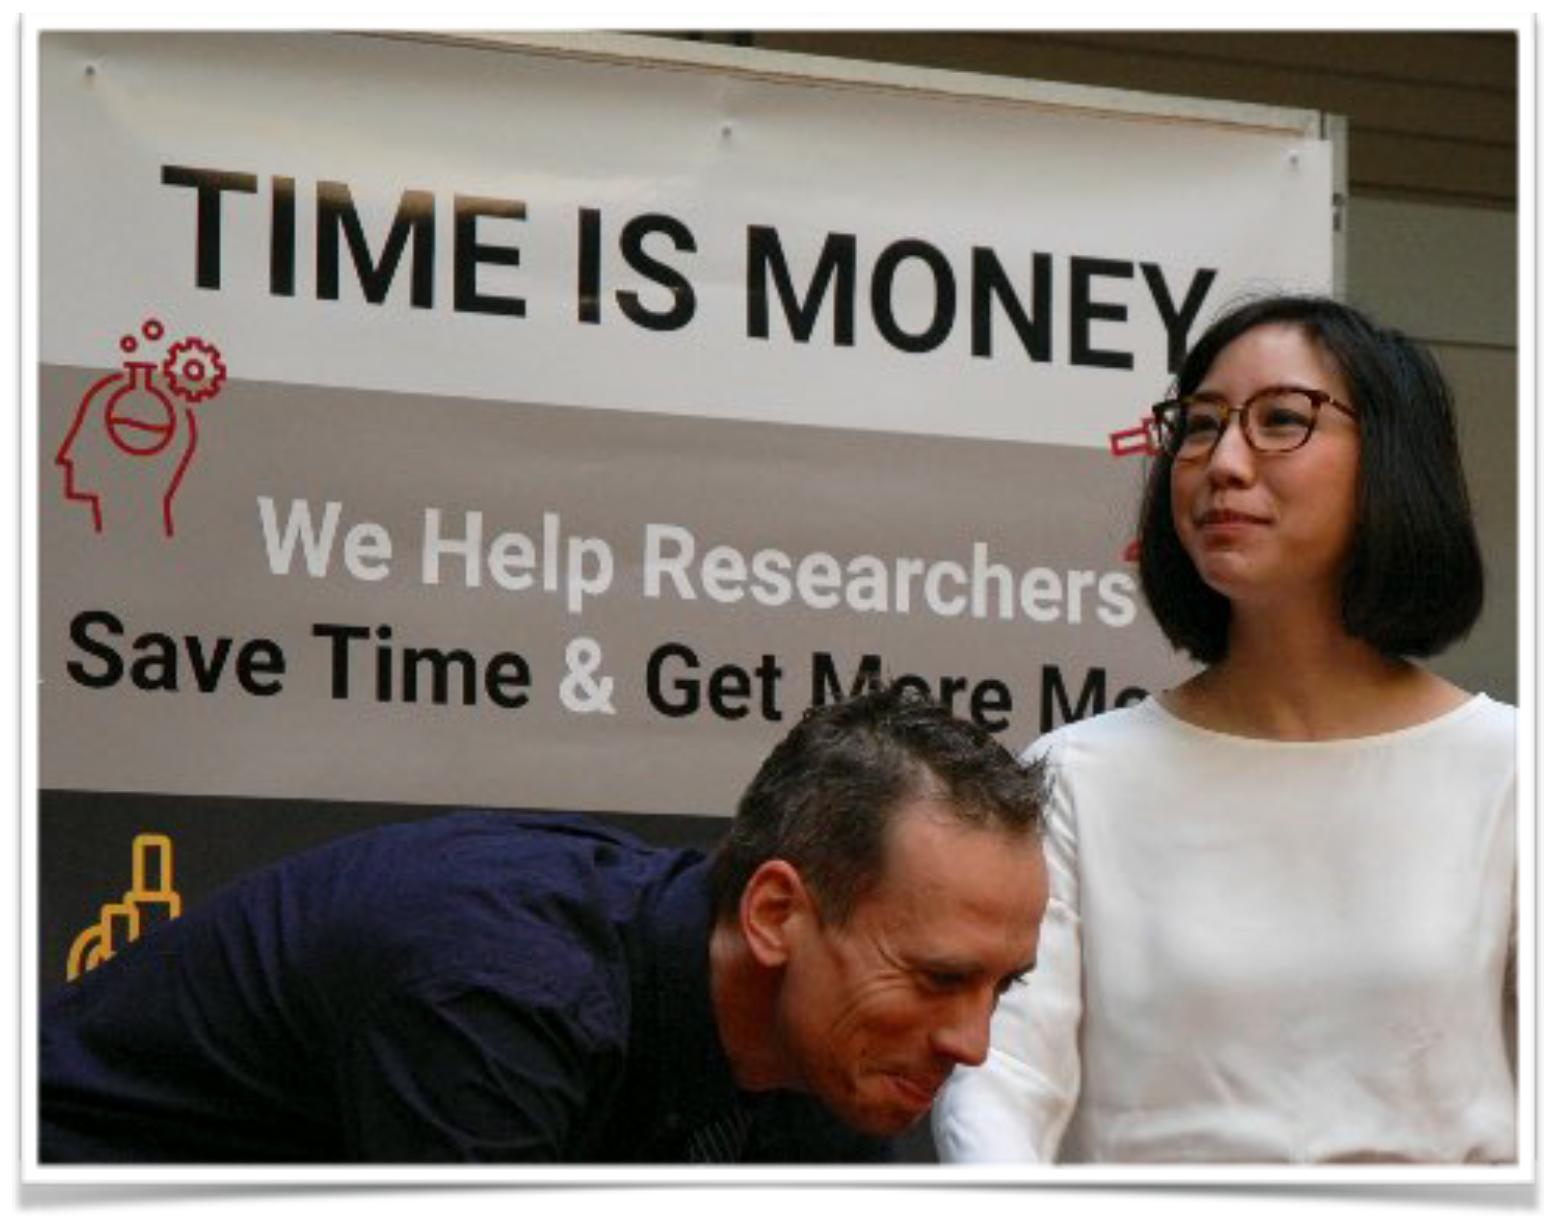 Les employés présentant une affiche avec le temps de titre est de l'argent.